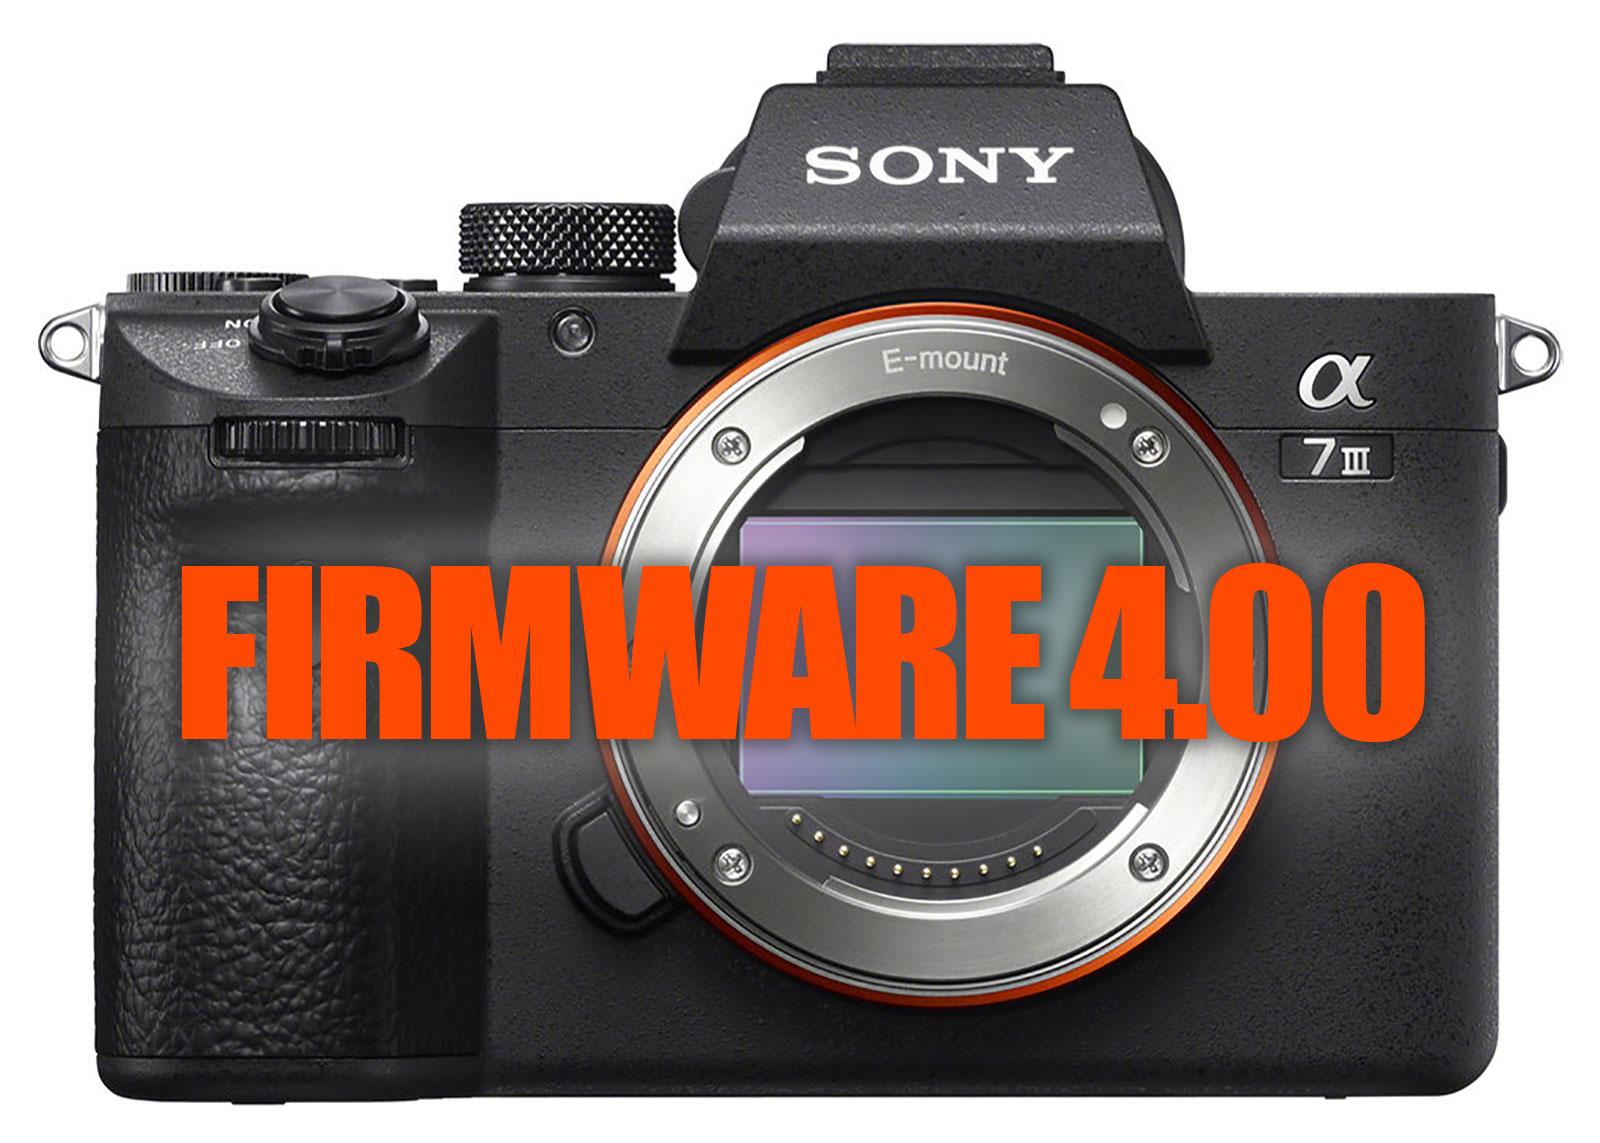 Sony a7 III Firmware Update 4.00